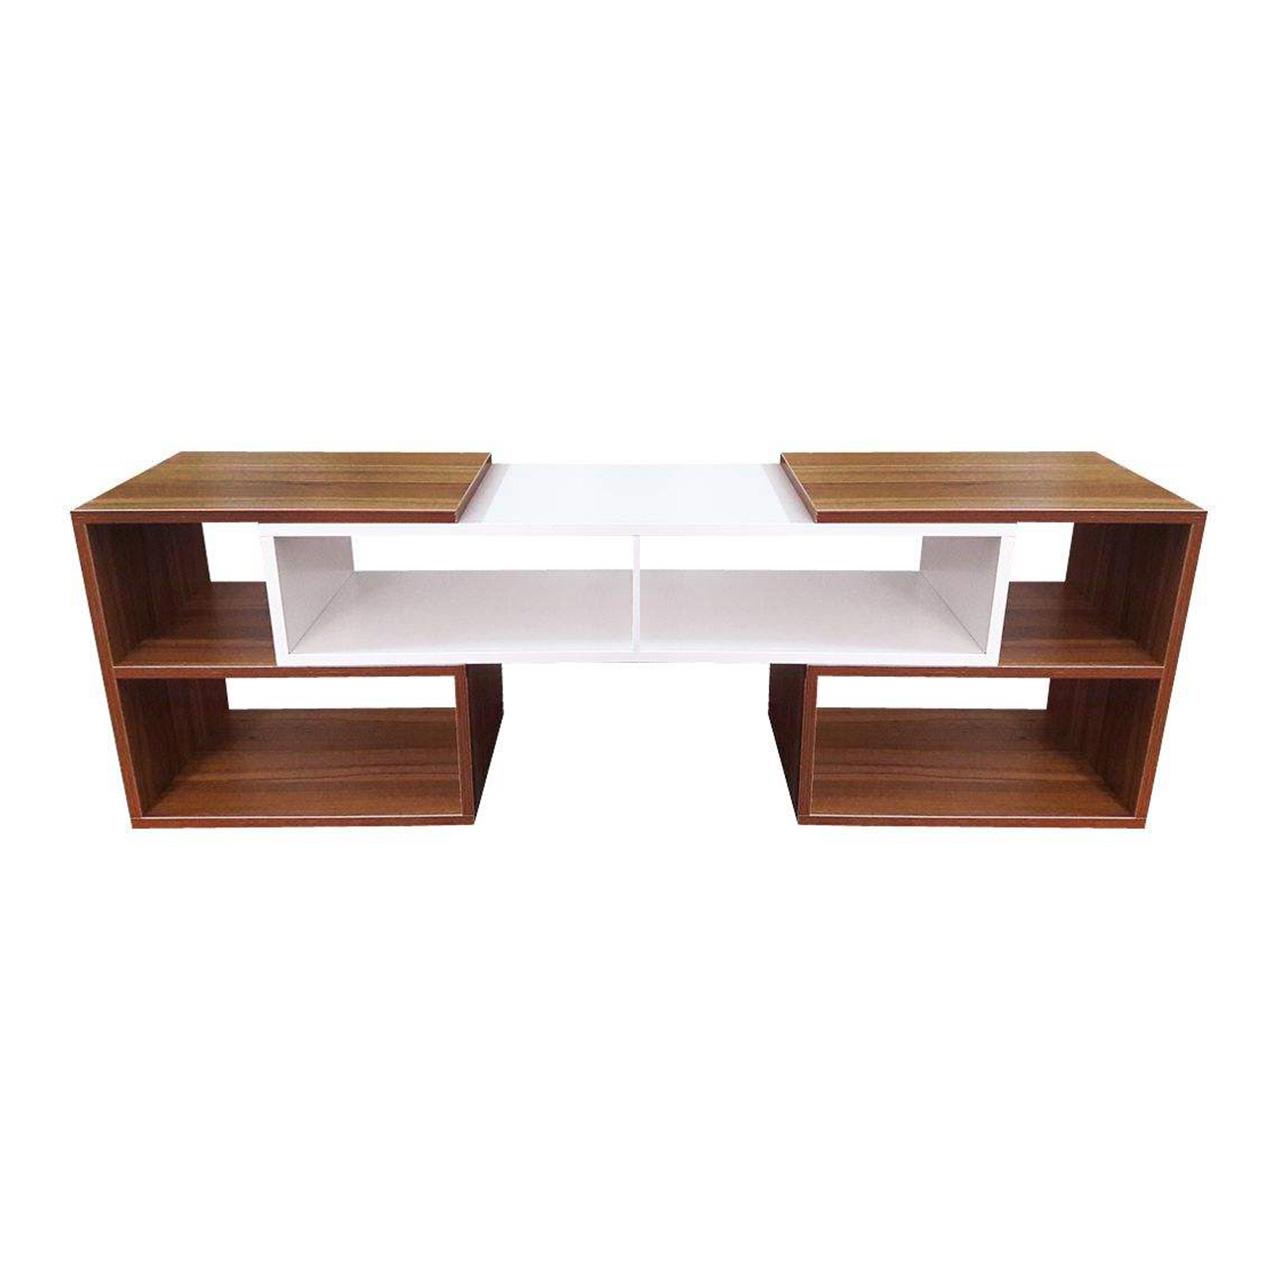 میز تلویزیون مدل SORENA 303-140c